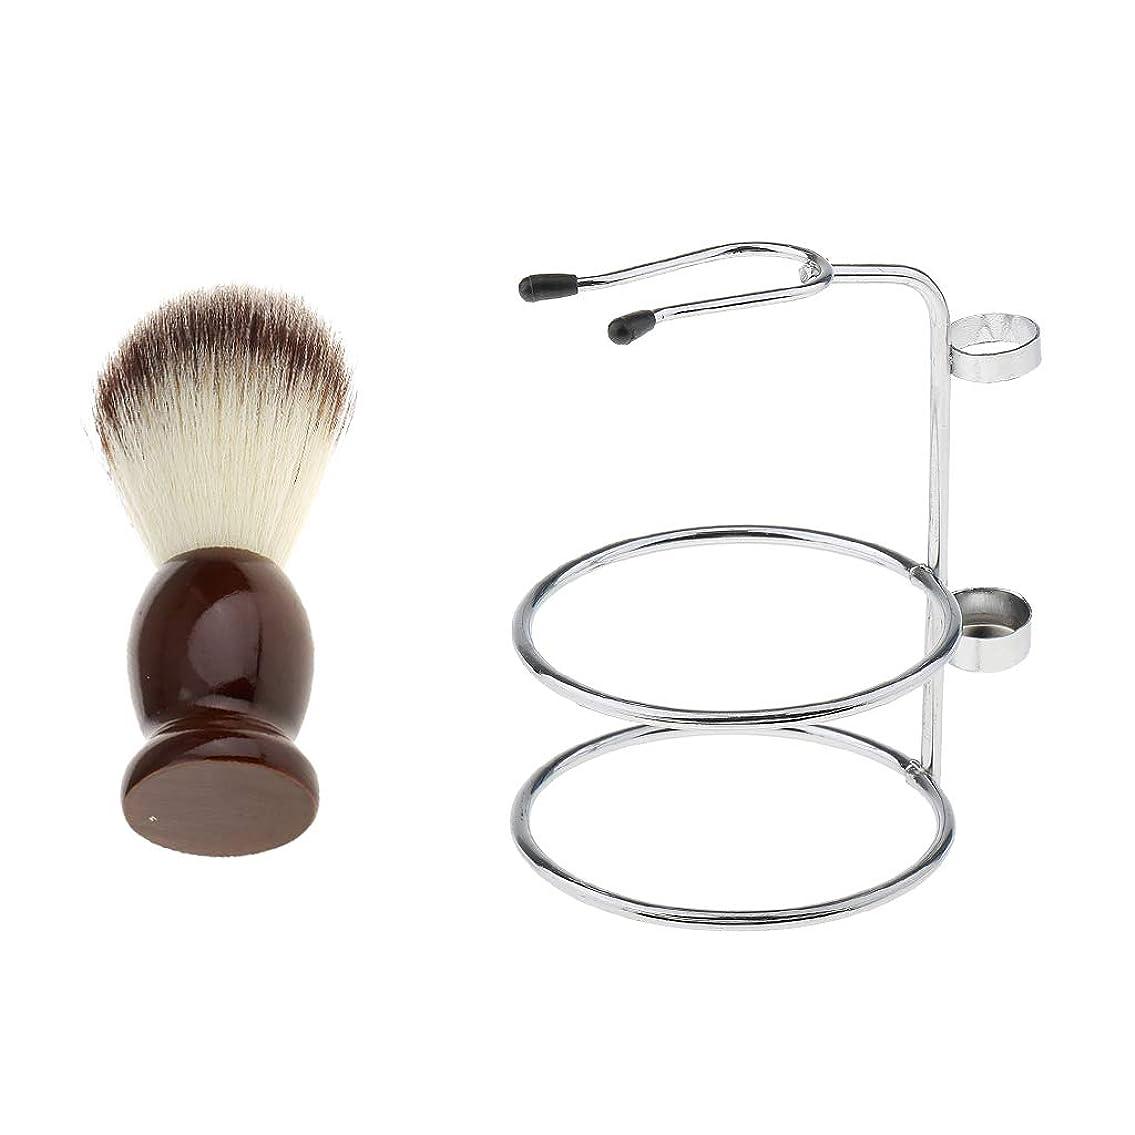 純粋な建設宿題chiwanji シェービングブラシスタンド シェービングブラシ 洗顔 髭剃り メンズ シェービング用アクセサリー